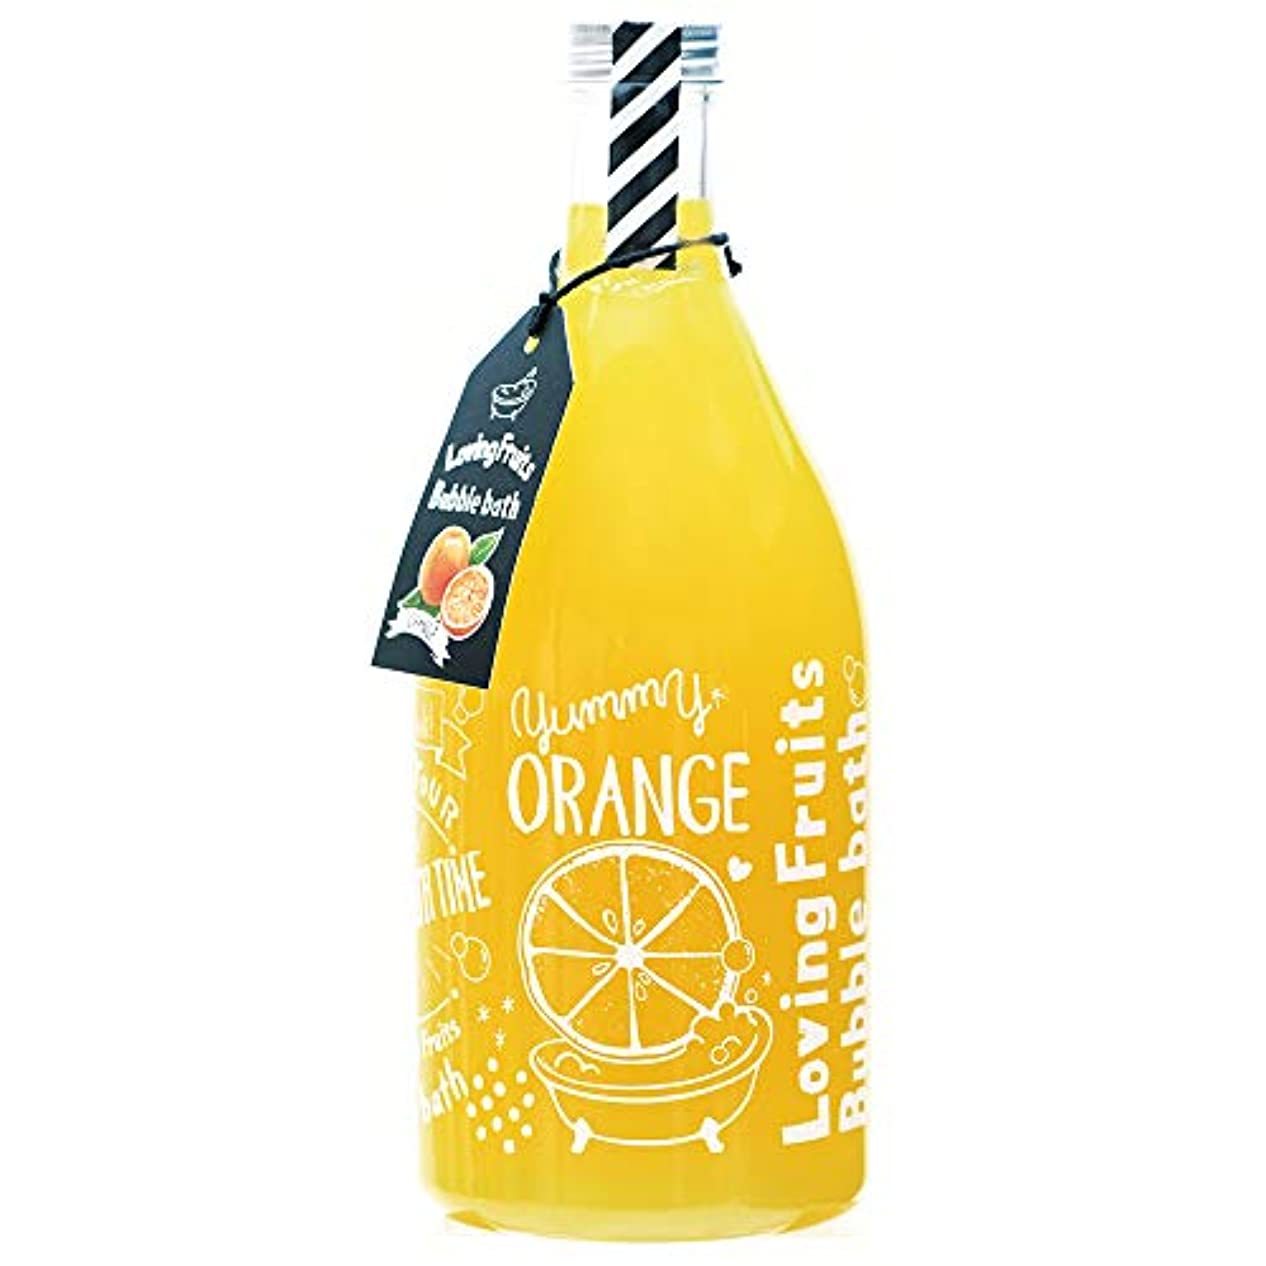 セーブ航空機覚醒ノルコーポレーション バスジェル ラビングフルーツバブルバス OB-LFS-1-2 入浴剤 オレンジの香り 750ml